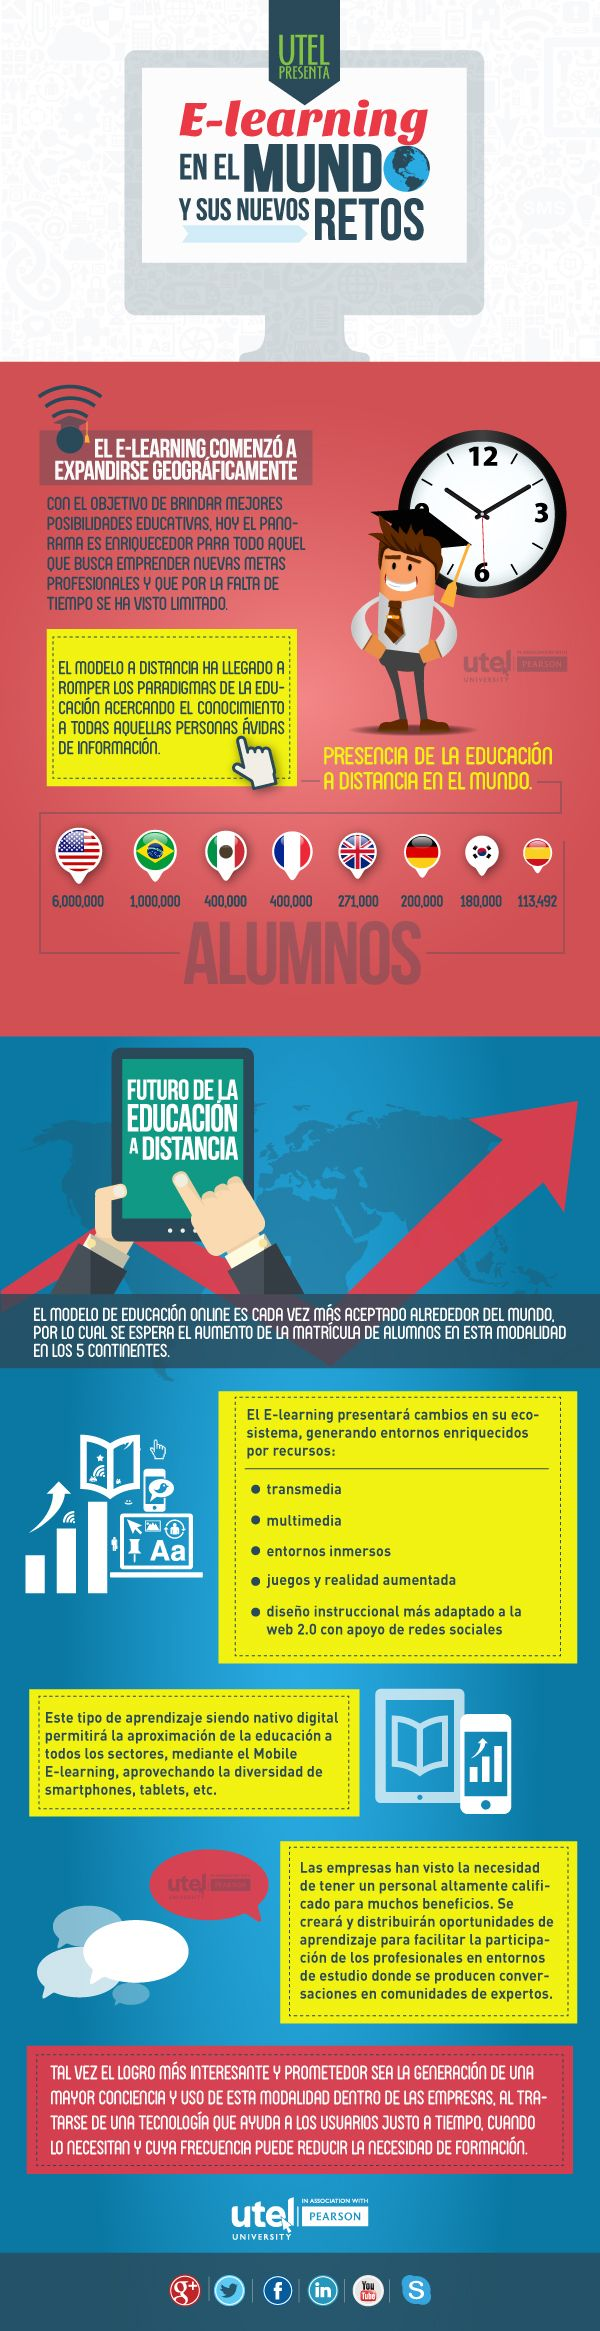 Educación a distancia. #eLearning en el mundo y sus nuevos retos